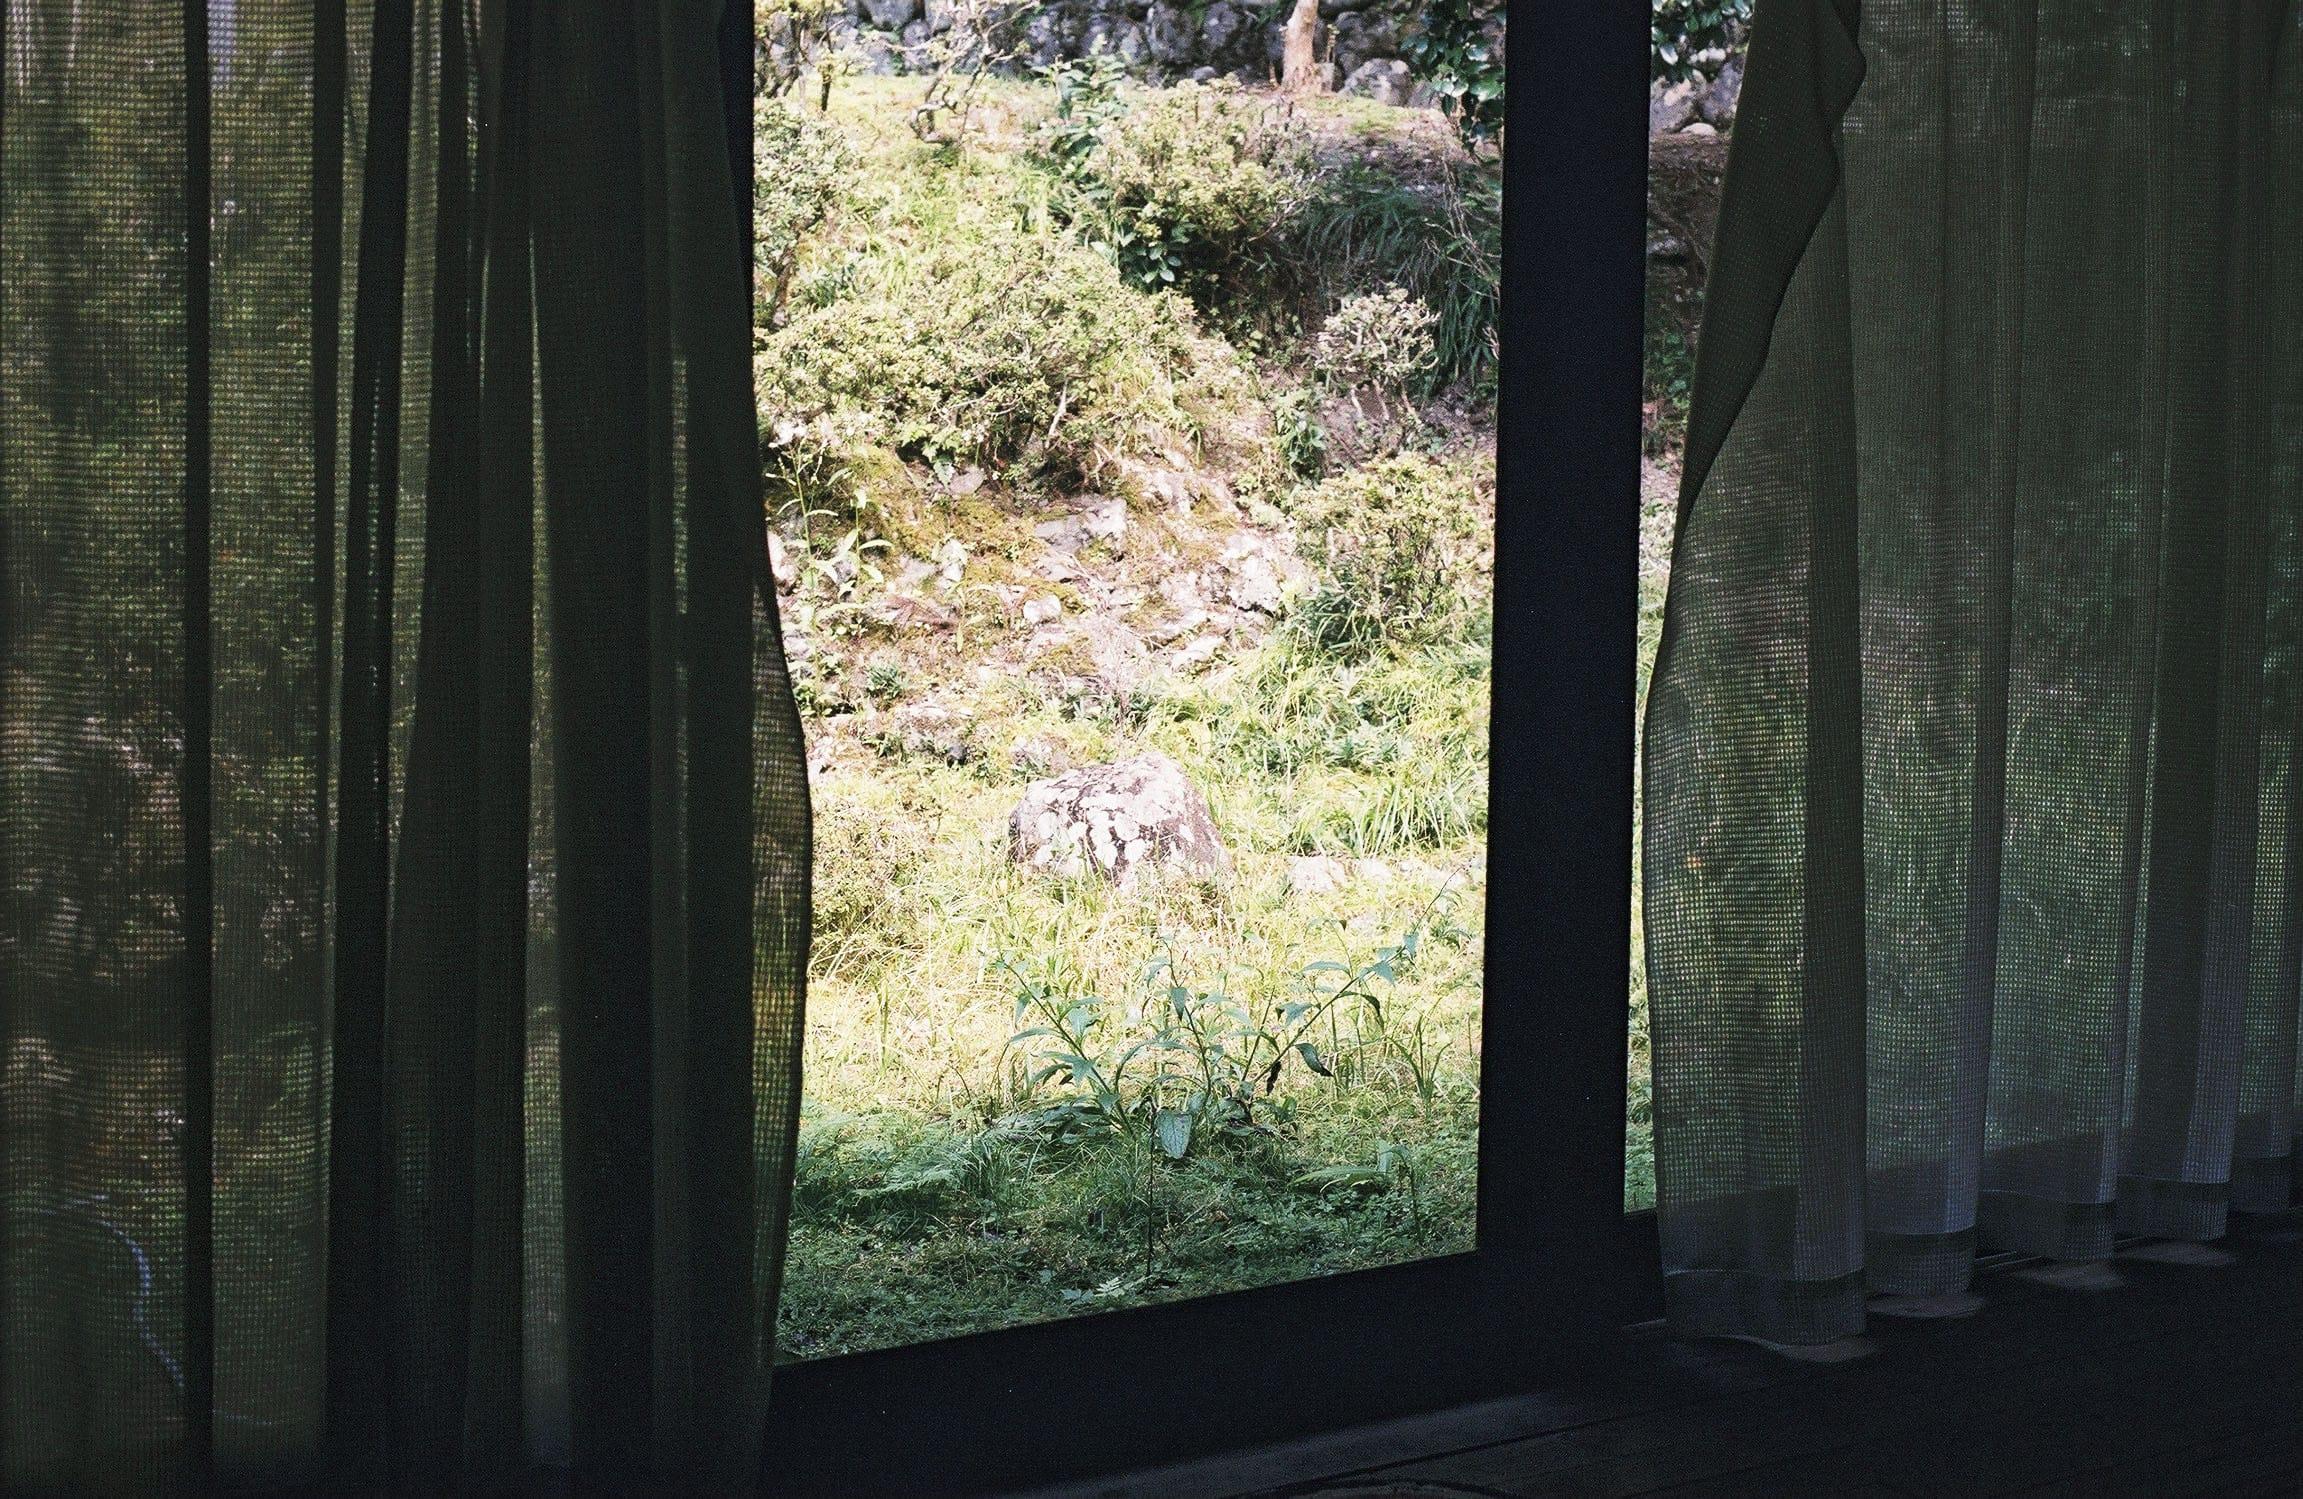 青木さんが東吉野で借りた家は、山と川に囲まれた静かな場所にひっそりと建つ平屋。思索にふけるには格好の場所。